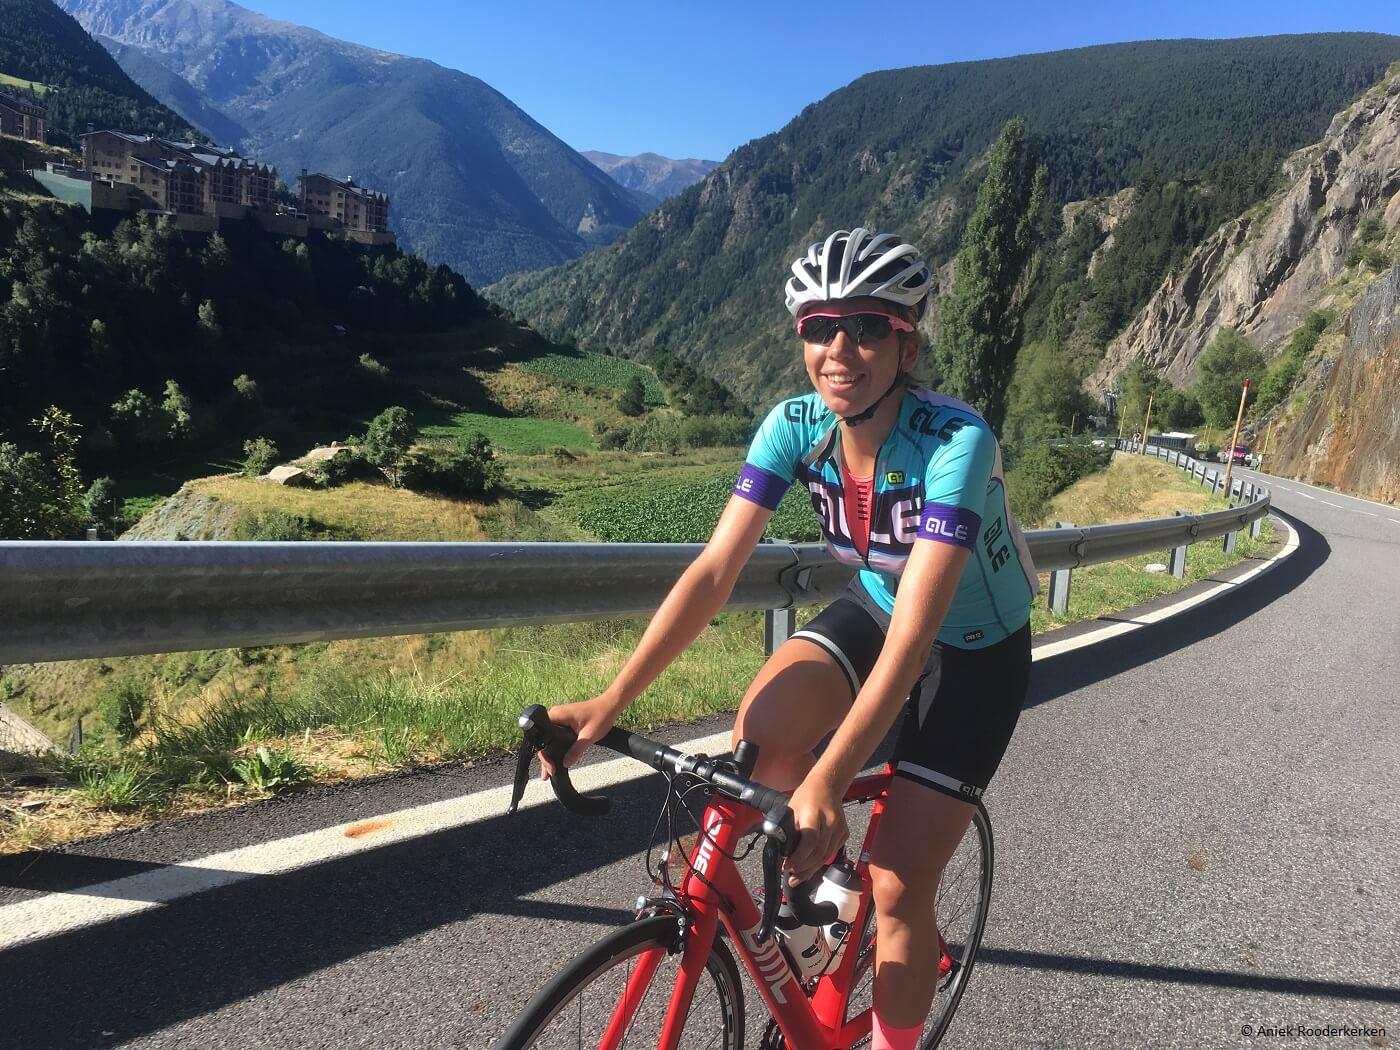 Een goed bewaard fietsgeheim: wielrennen in Andorra